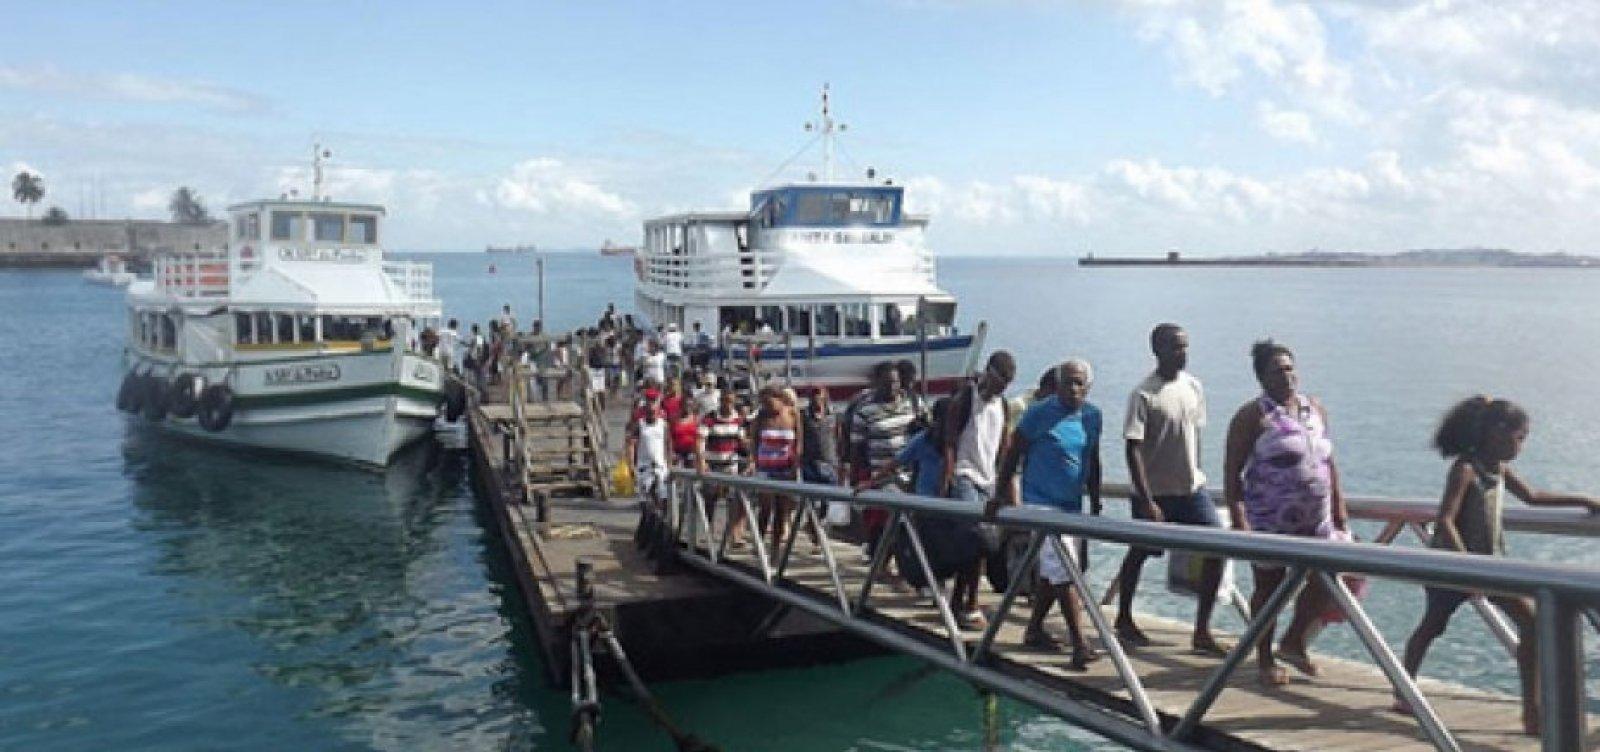 Travessia Salvador-Mar Grande é retomada após três dias de suspensão